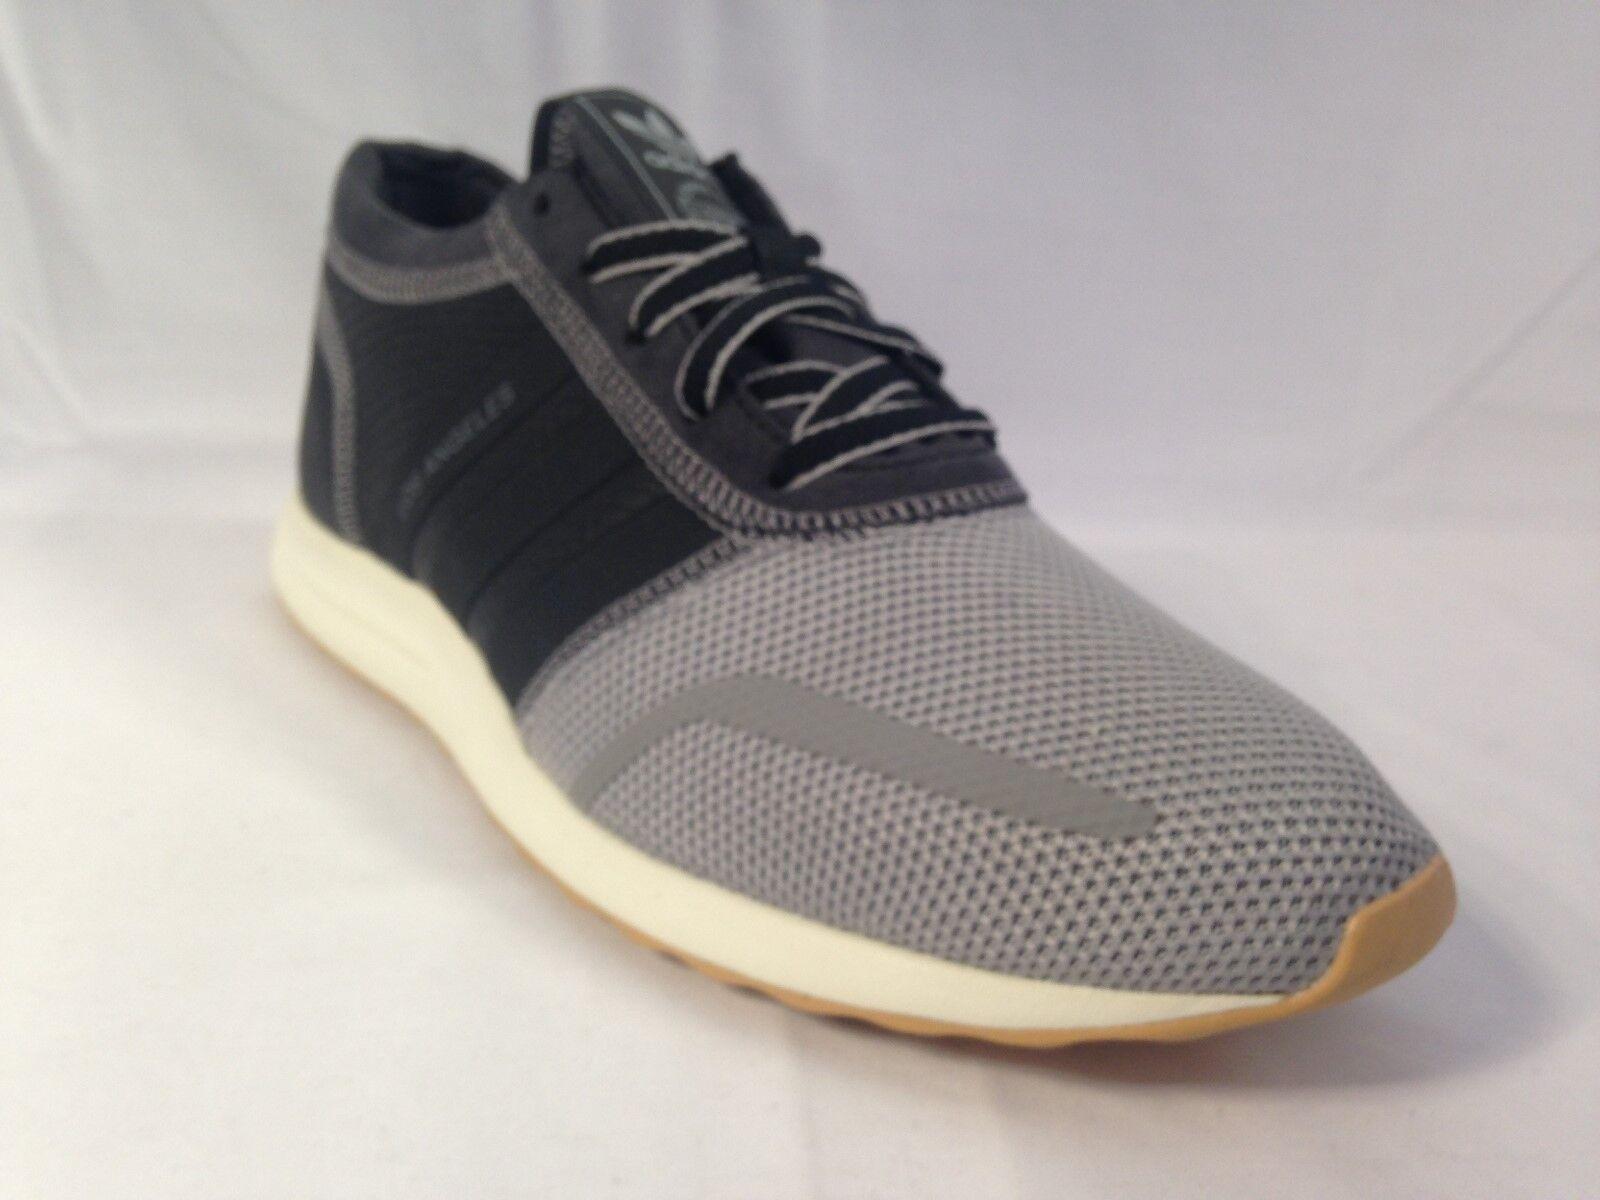 Adidas La pour homme trainer AQ5788 gris/navy/gum taille: uk 7.5